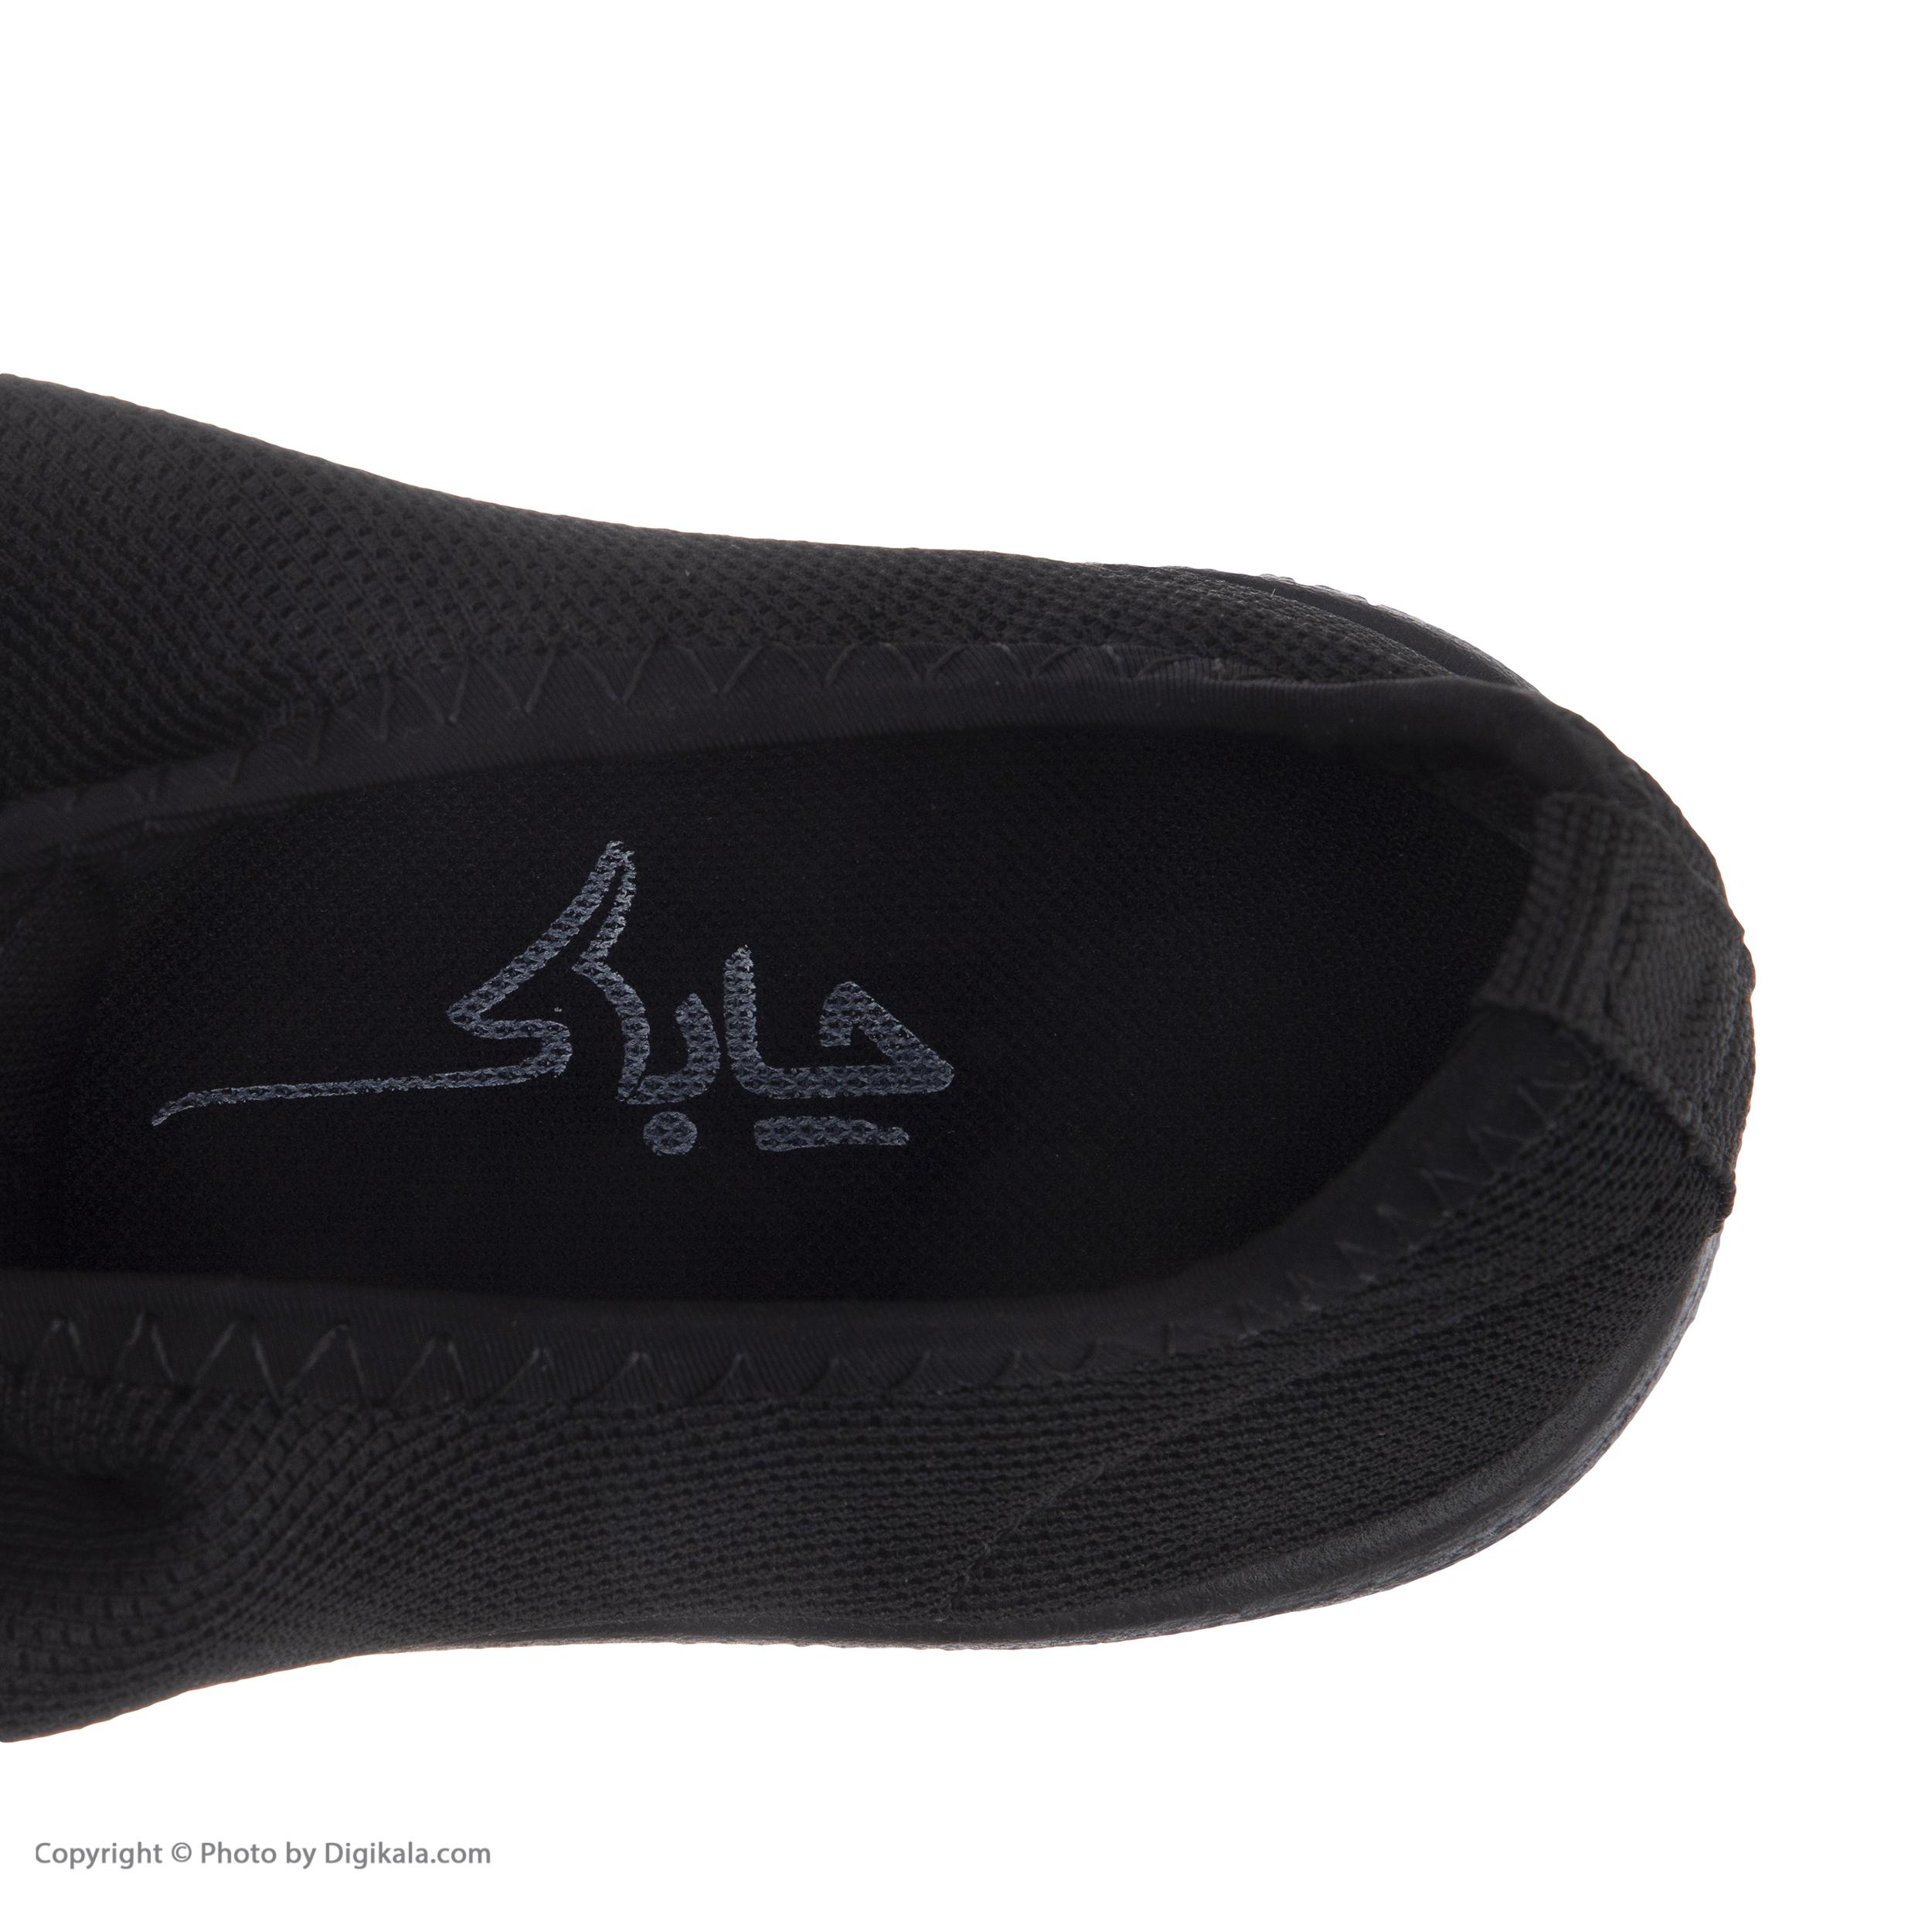 کفش راحتی چابک مدل رامش رنگ مشکی main 1 4